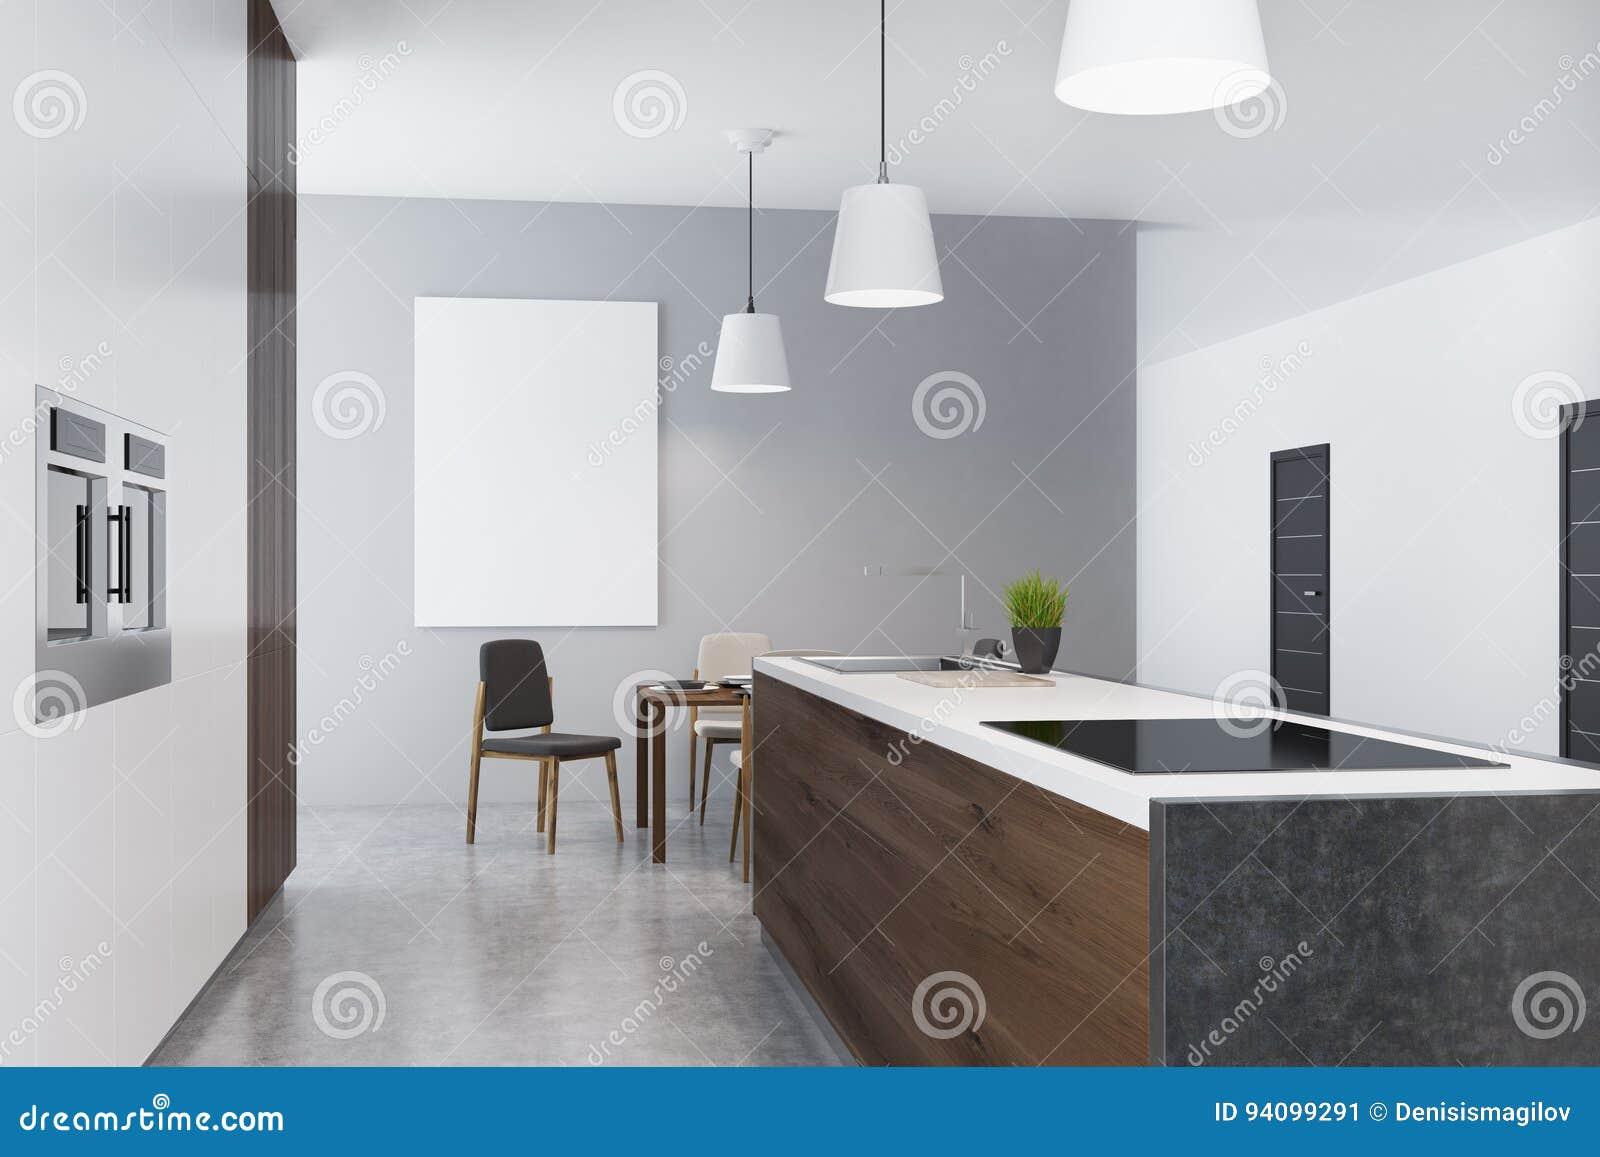 Studioküche Und Esszimmer Mit Plakat, Seite Stock Abbildung ...